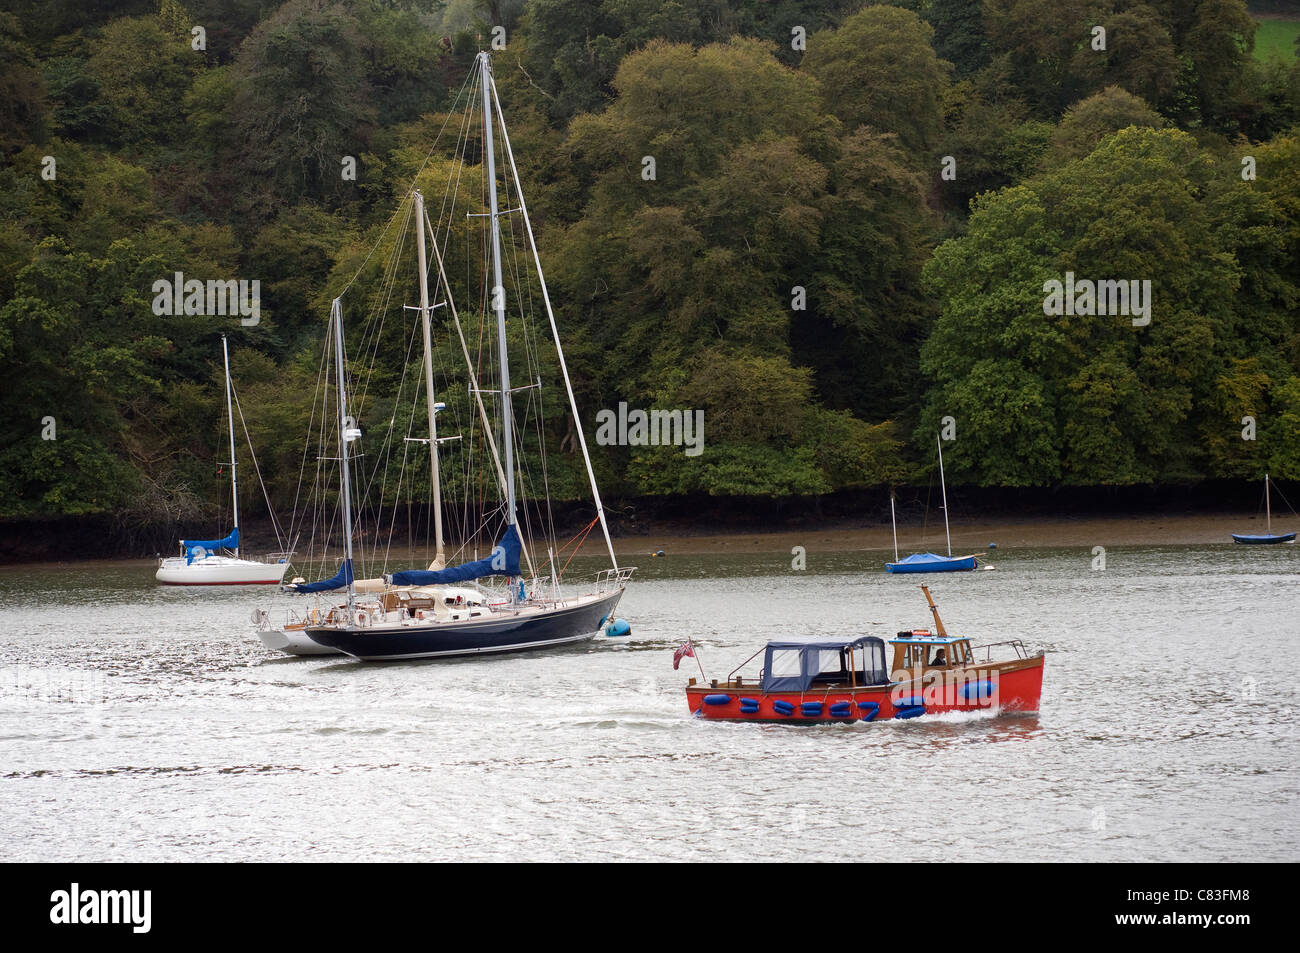 Traghetto Dittisham,azzurro acqua,spingere la barca galleggiante,l'imbarcazione,,Stazioni di panico,avrai bisogno Immagini Stock